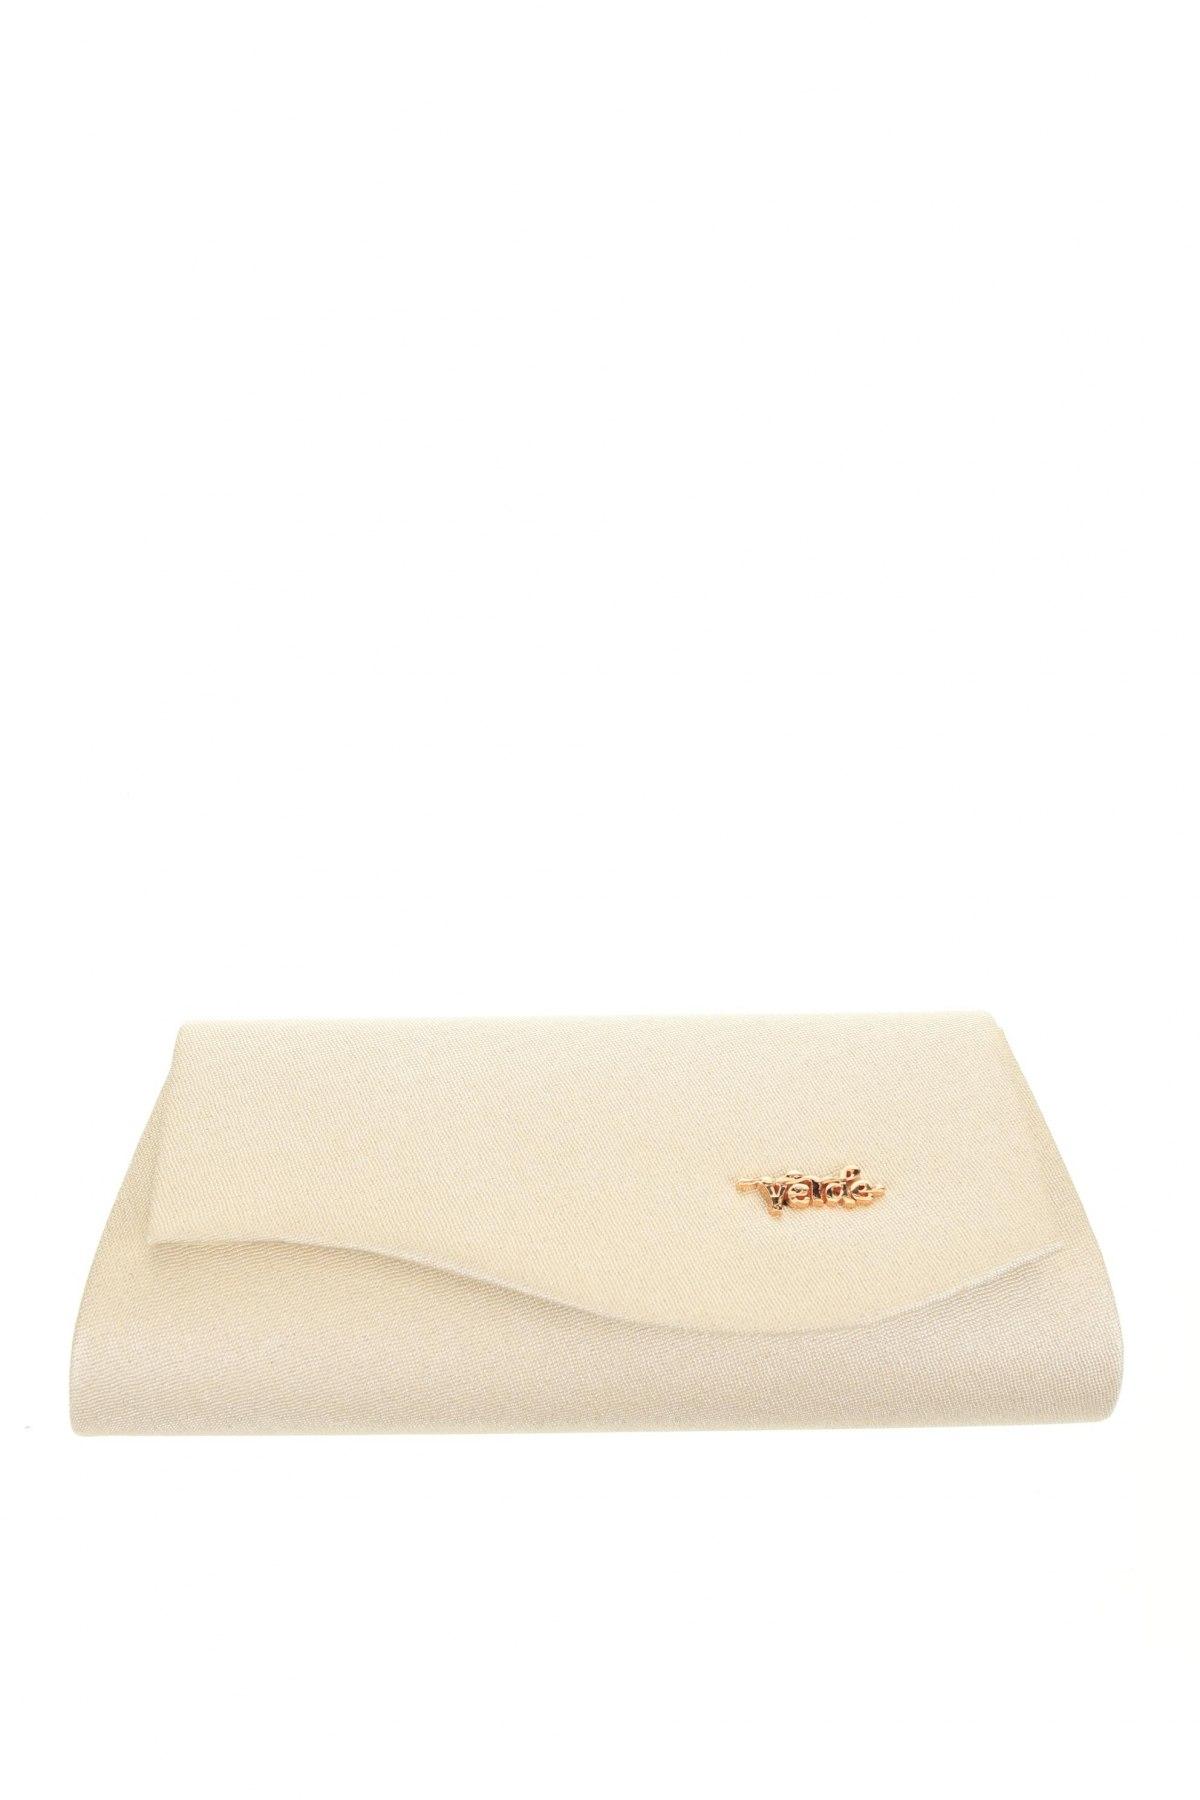 Дамска чанта Verde, Цвят Екрю, Текстил, Цена 8,26лв.